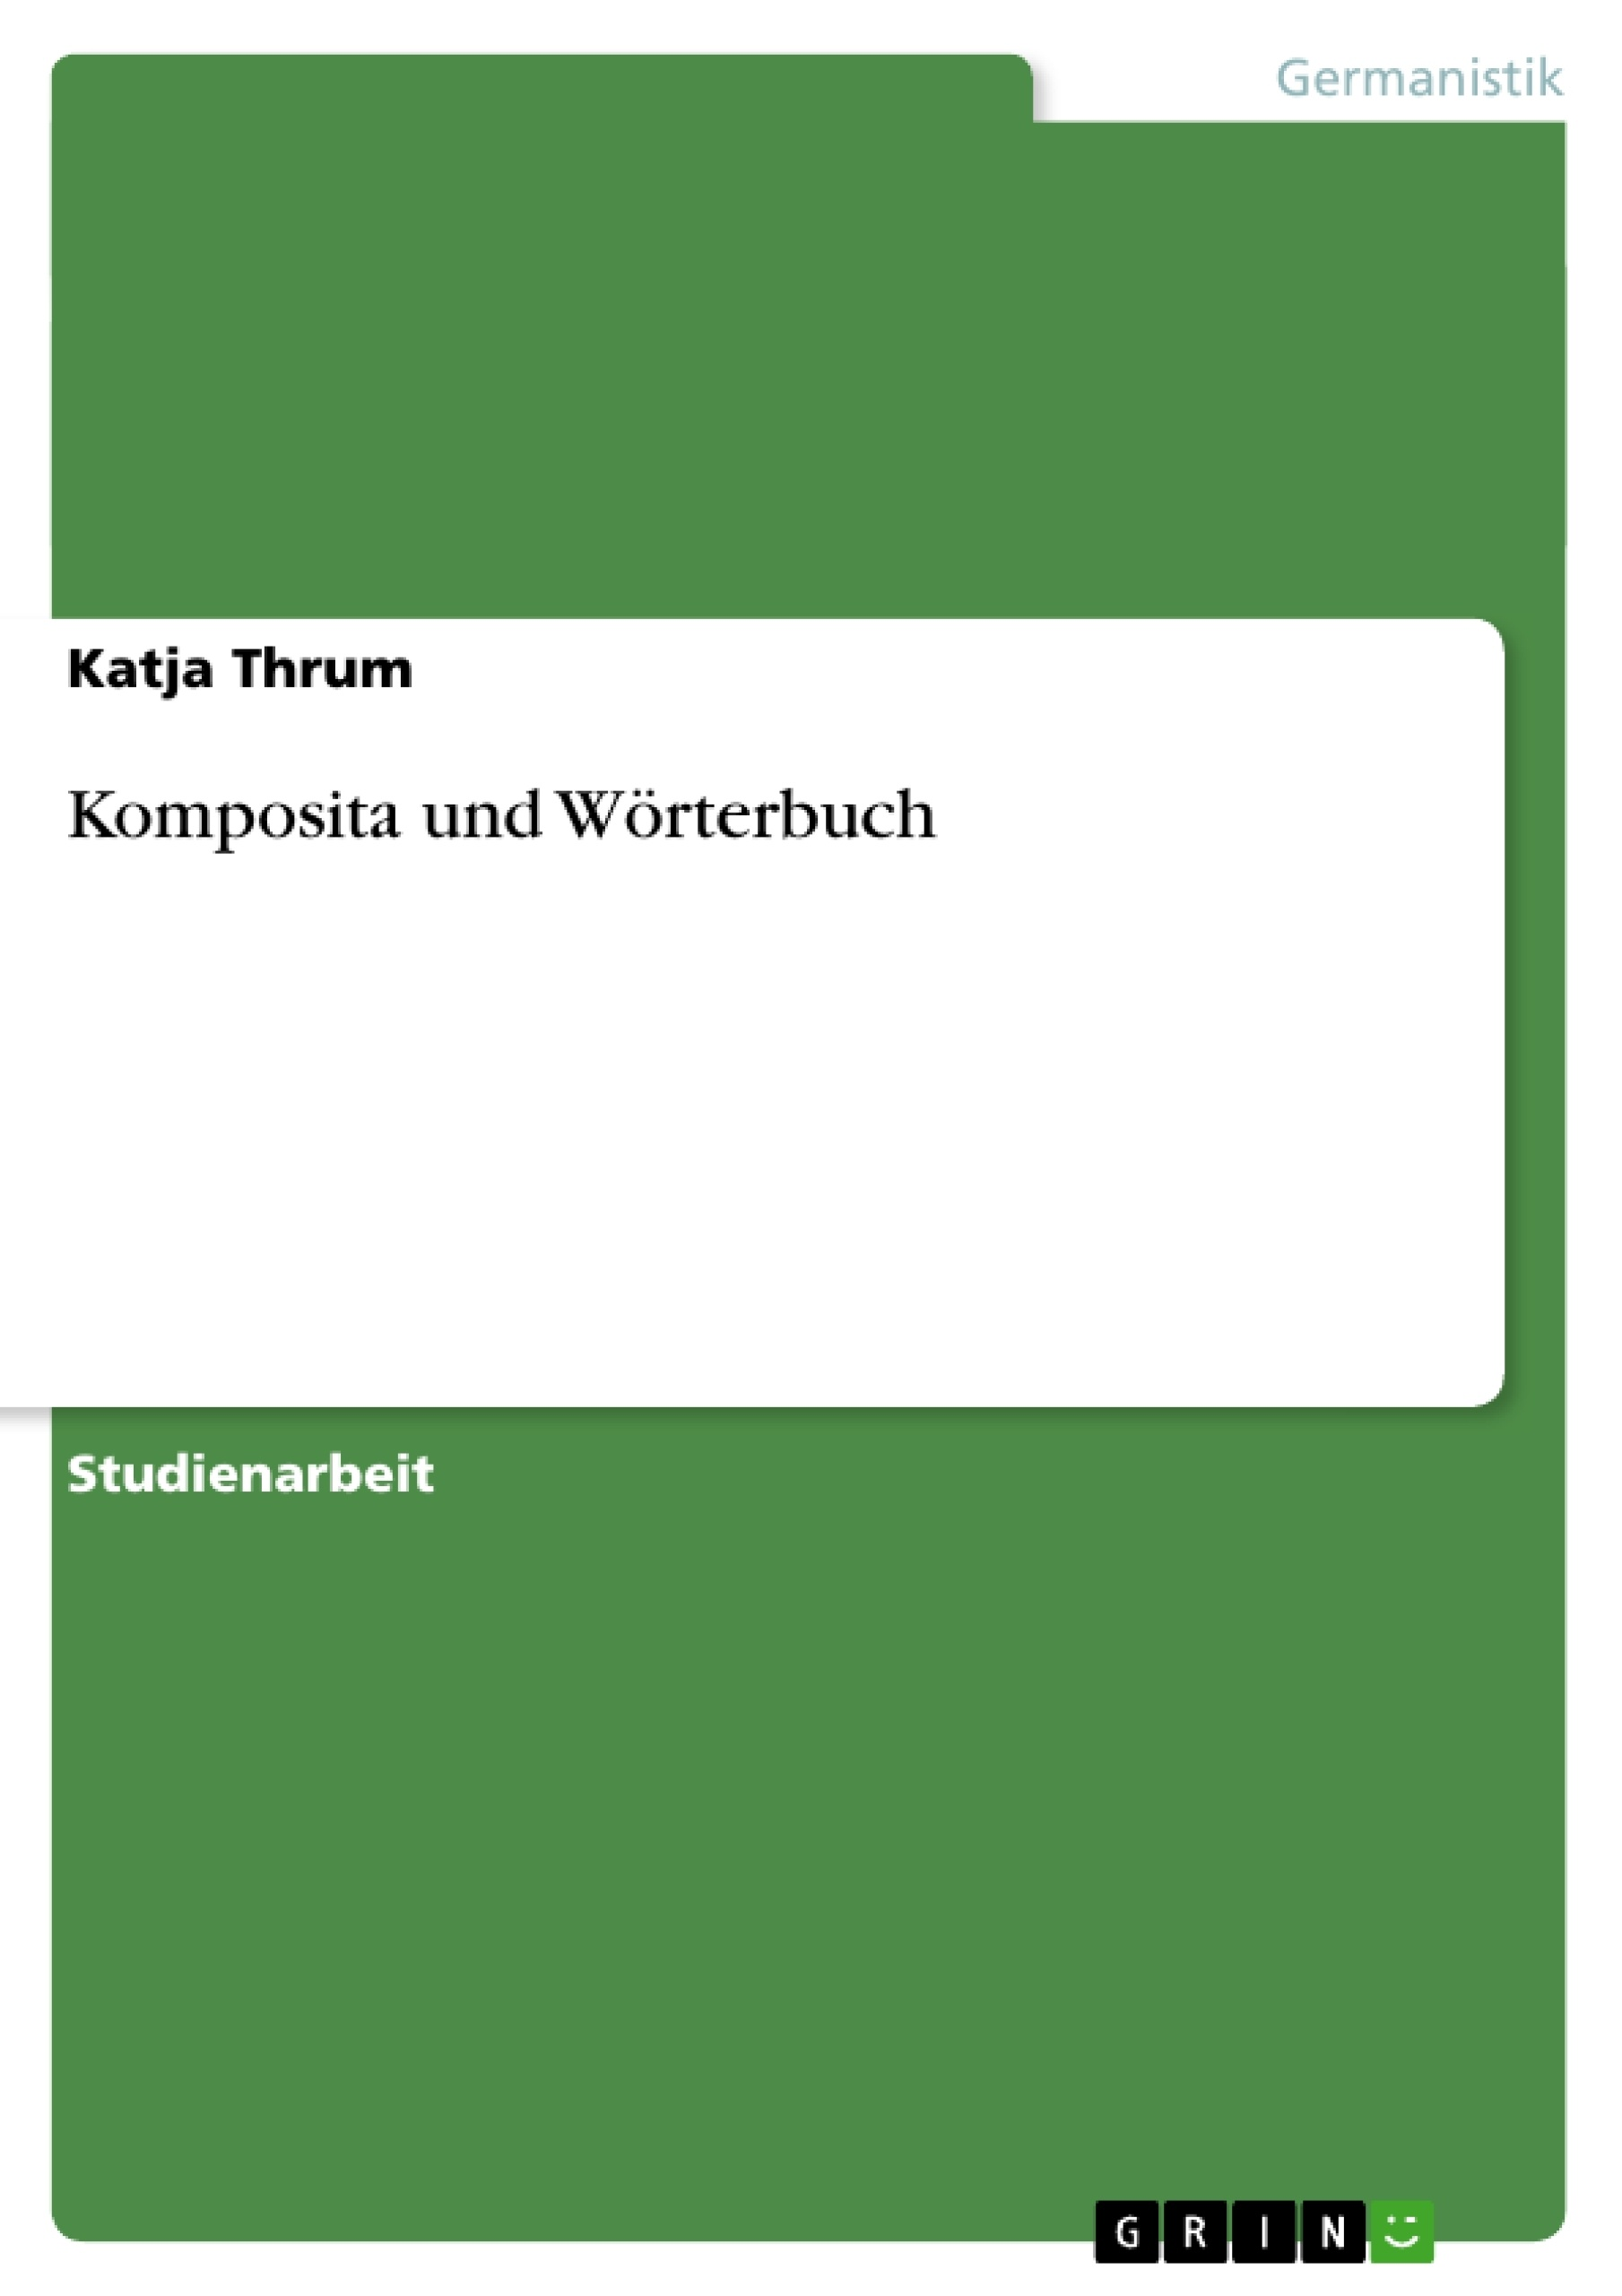 Titel: Komposita und Wörterbuch